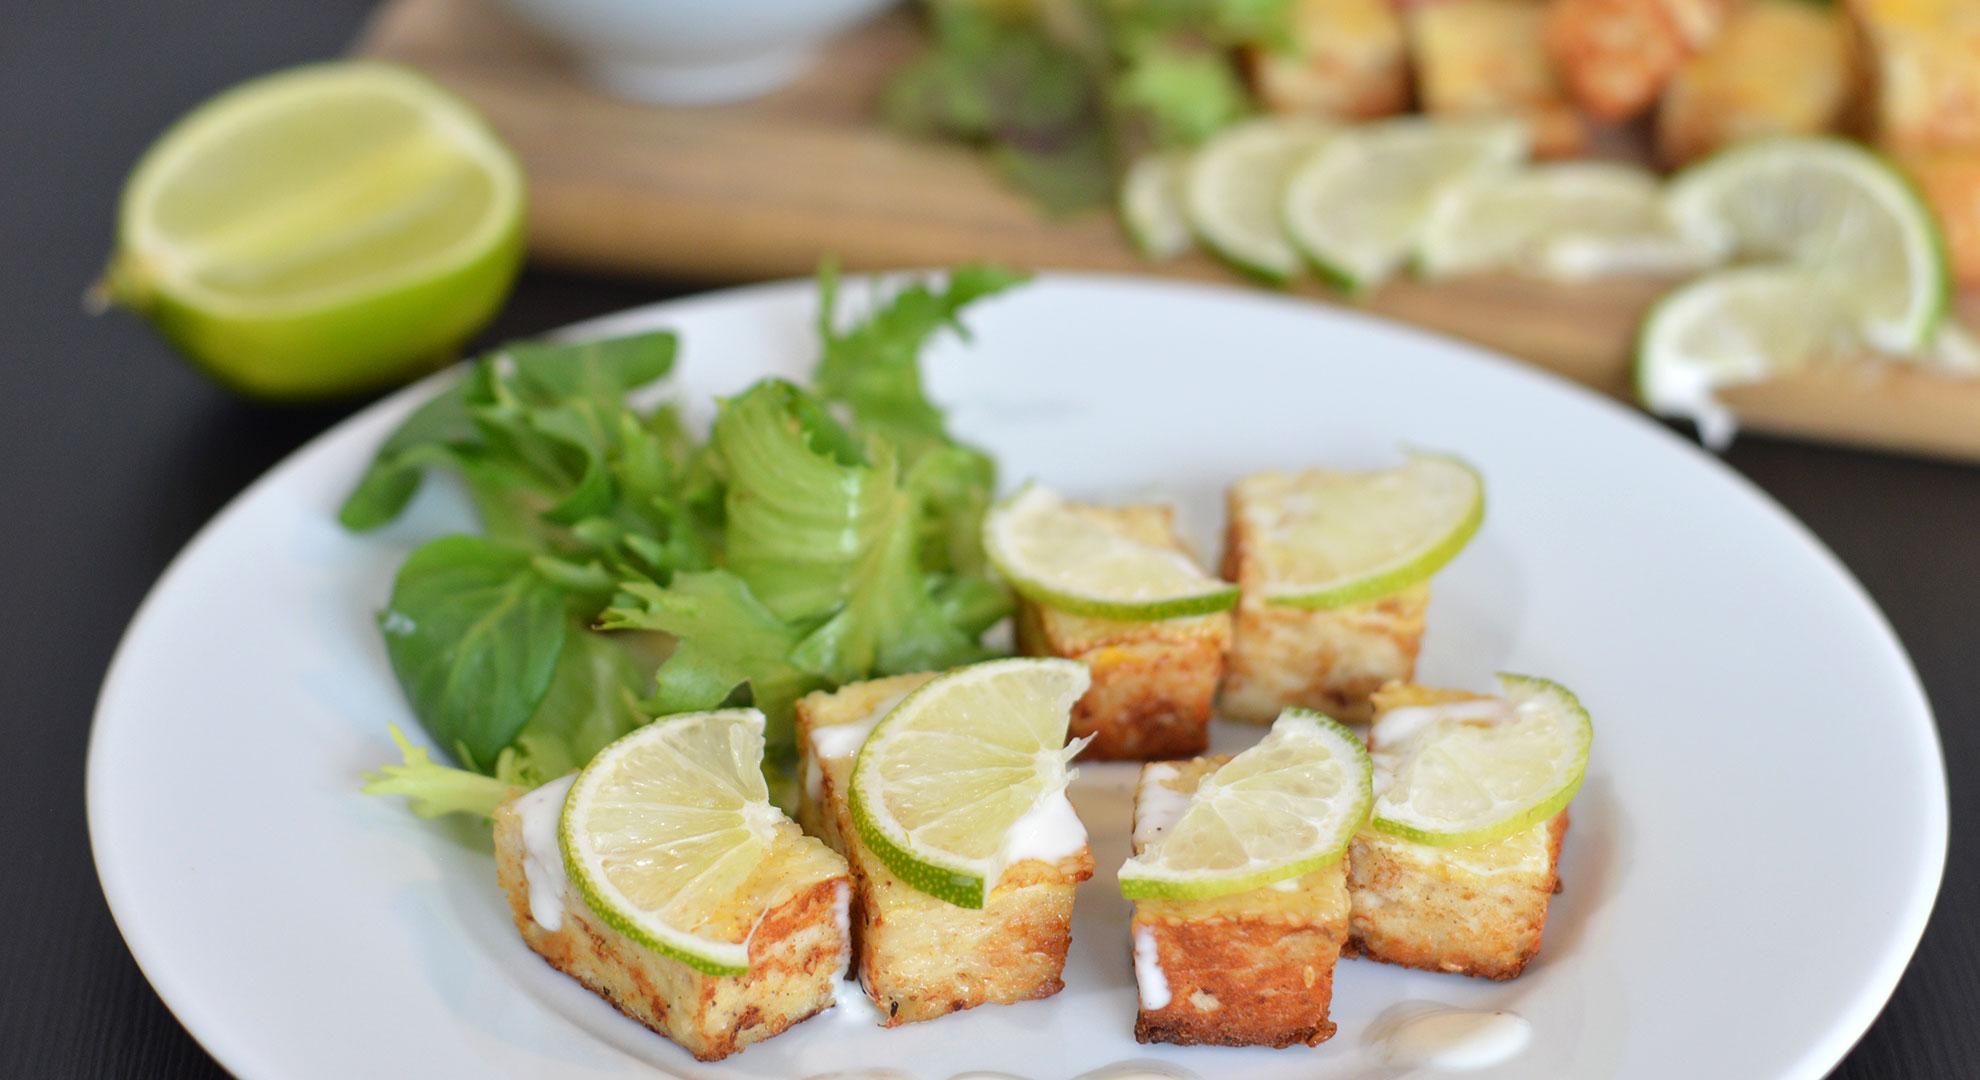 Rezept für thailändisch inspirierte Chicken Nuggets | www.dearlicious.com